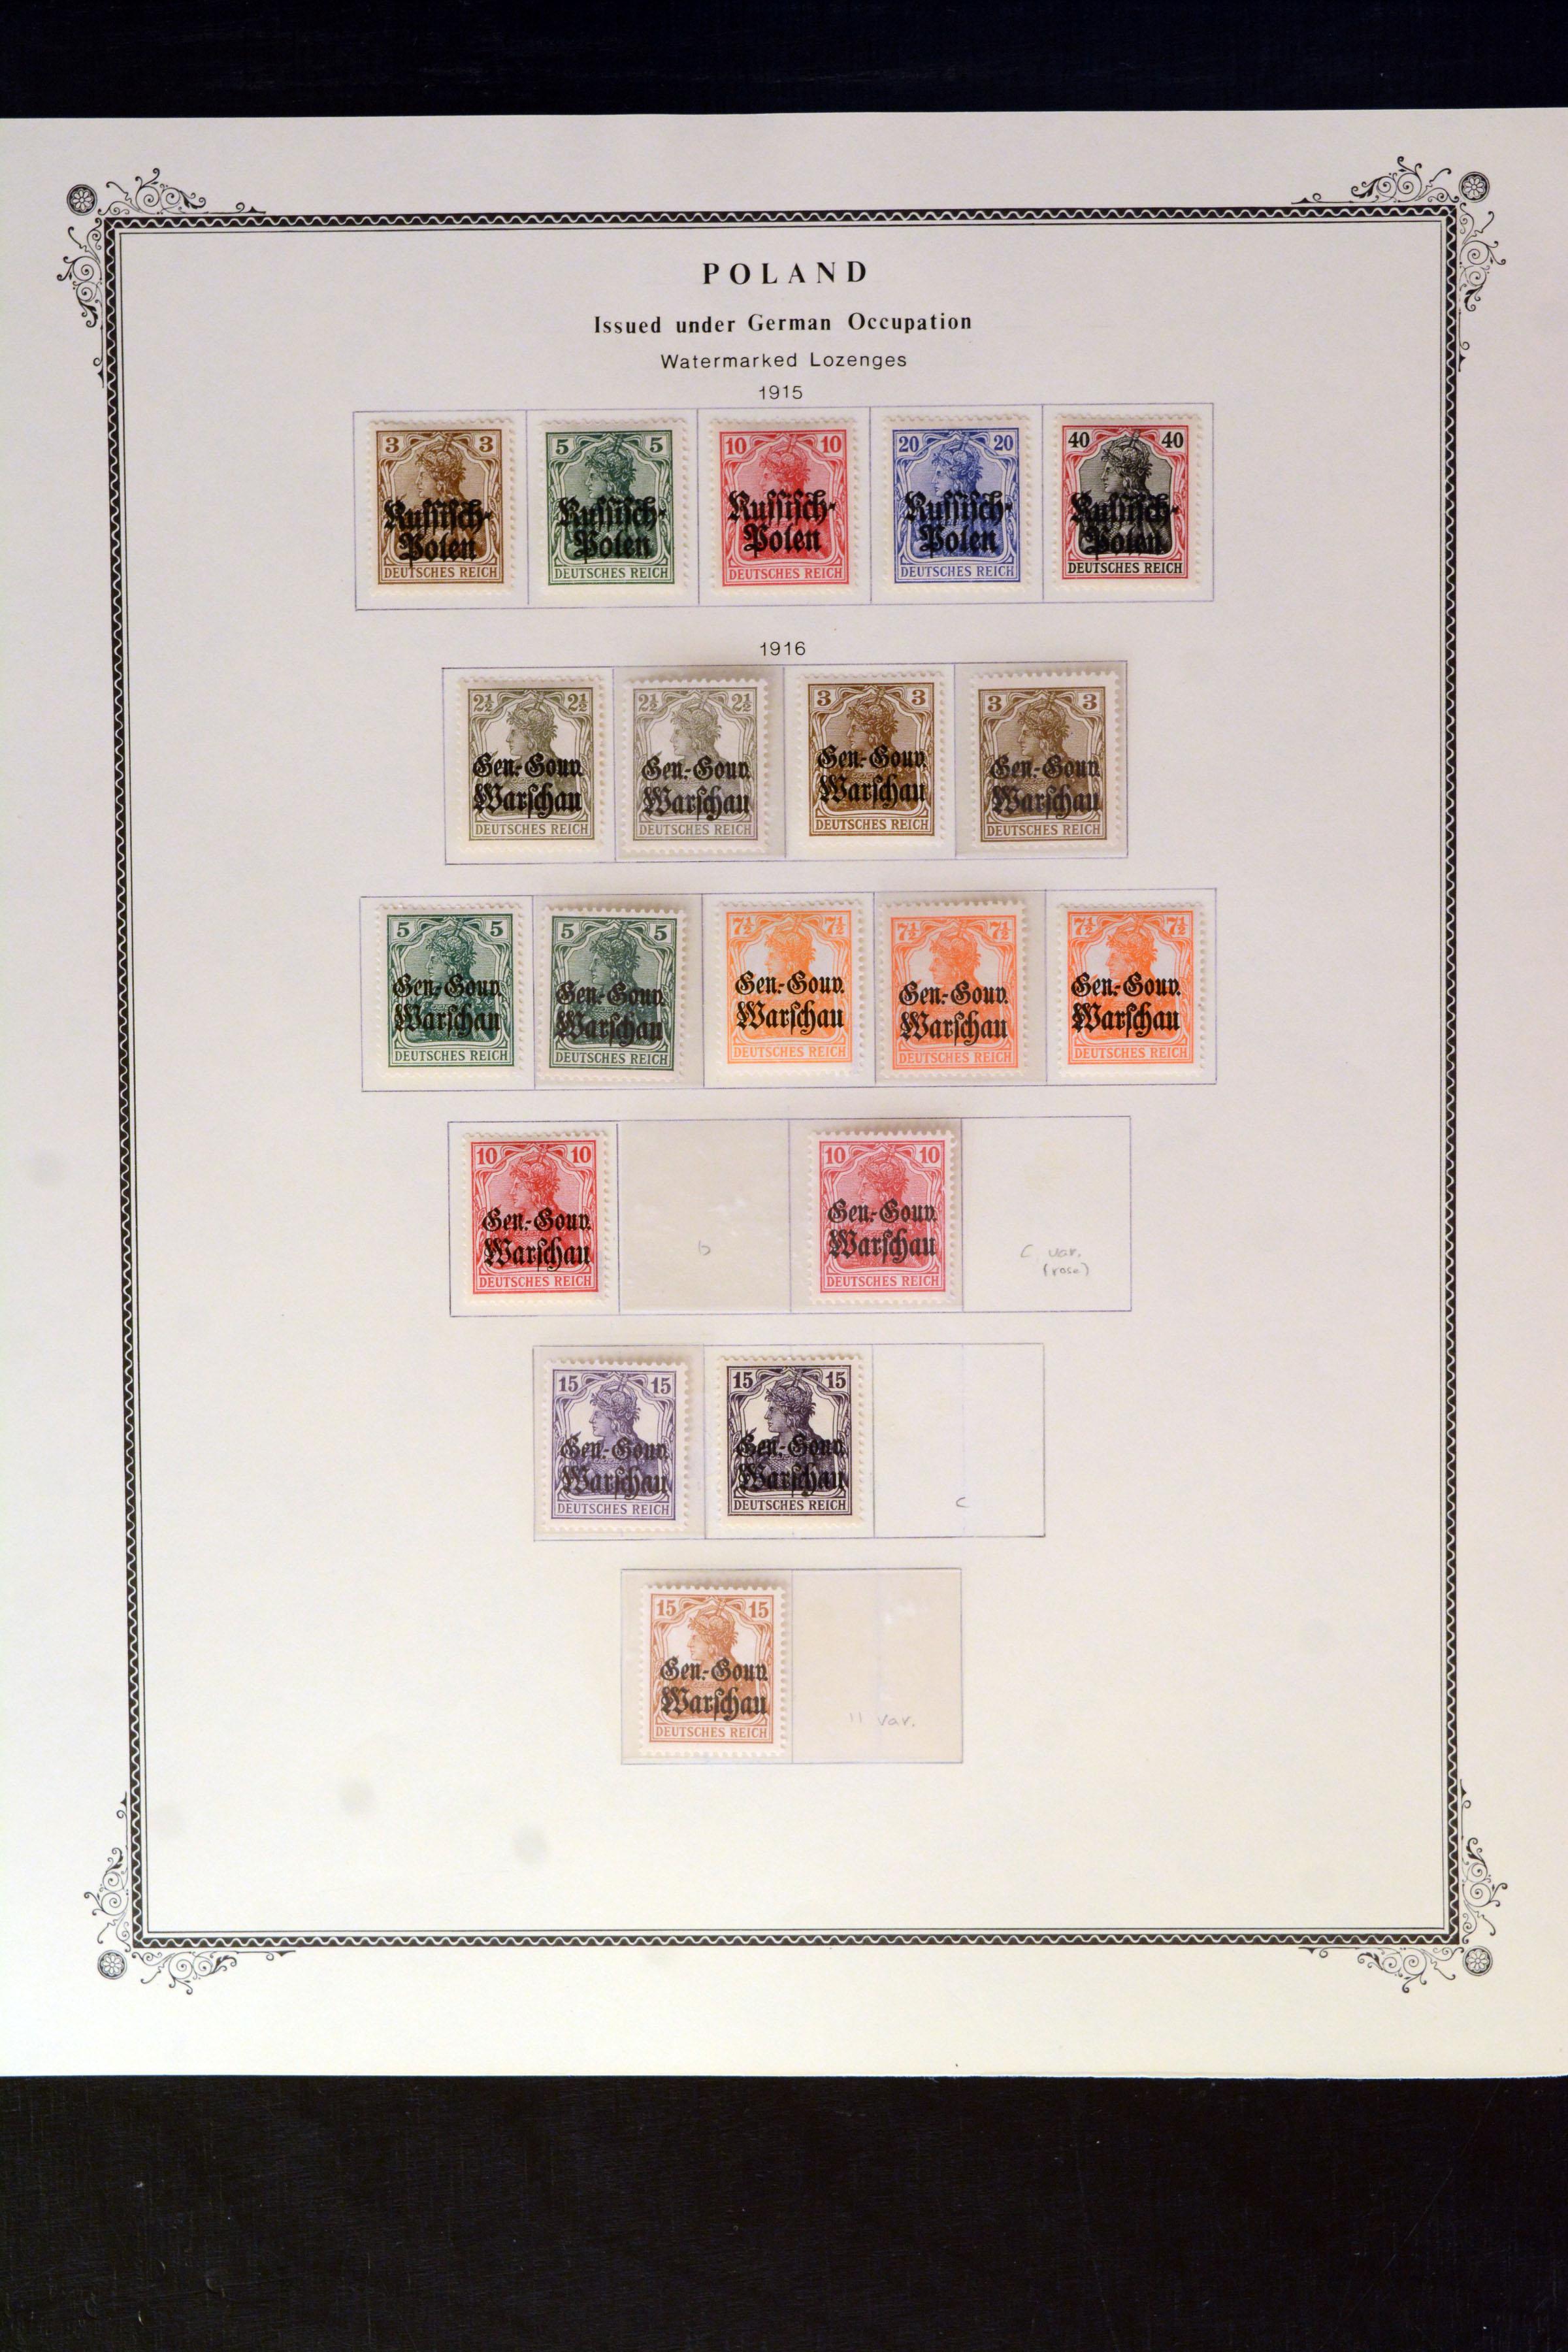 Lot 4845 - Occupation World War I. german post in poland -  Heinrich Koehler Auktionen Auction #368- Day 3